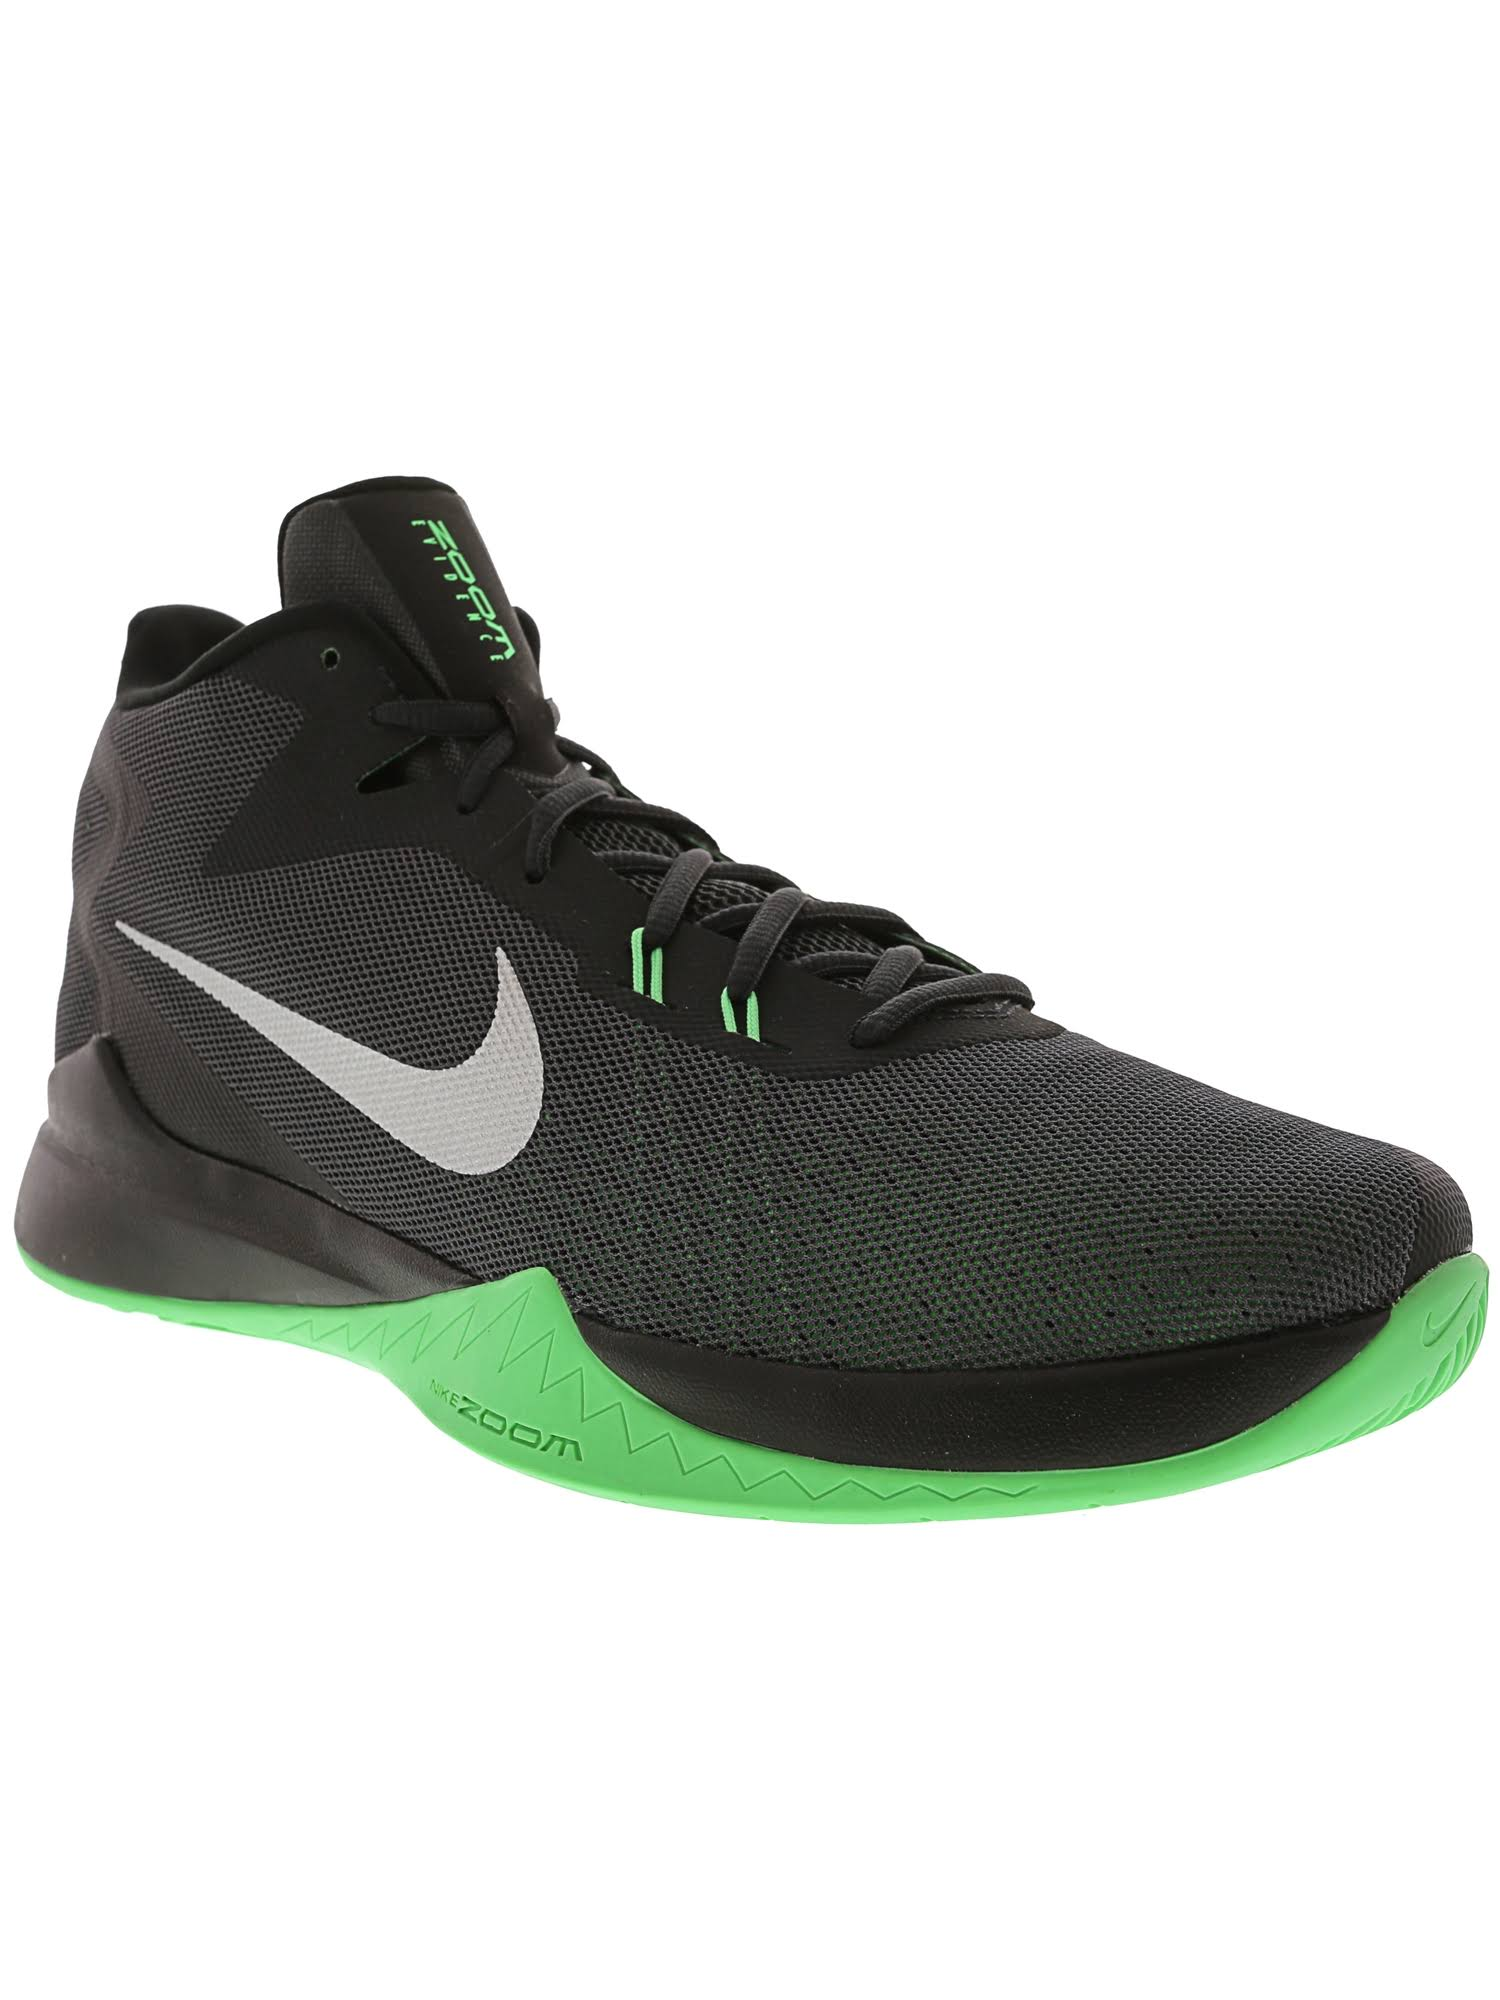 Baloncesto Hombre Evidence Antracita Para 5 Tobillo Hasta Plateado En De 10 Metálico Nike M Zapatillas El axXUHW